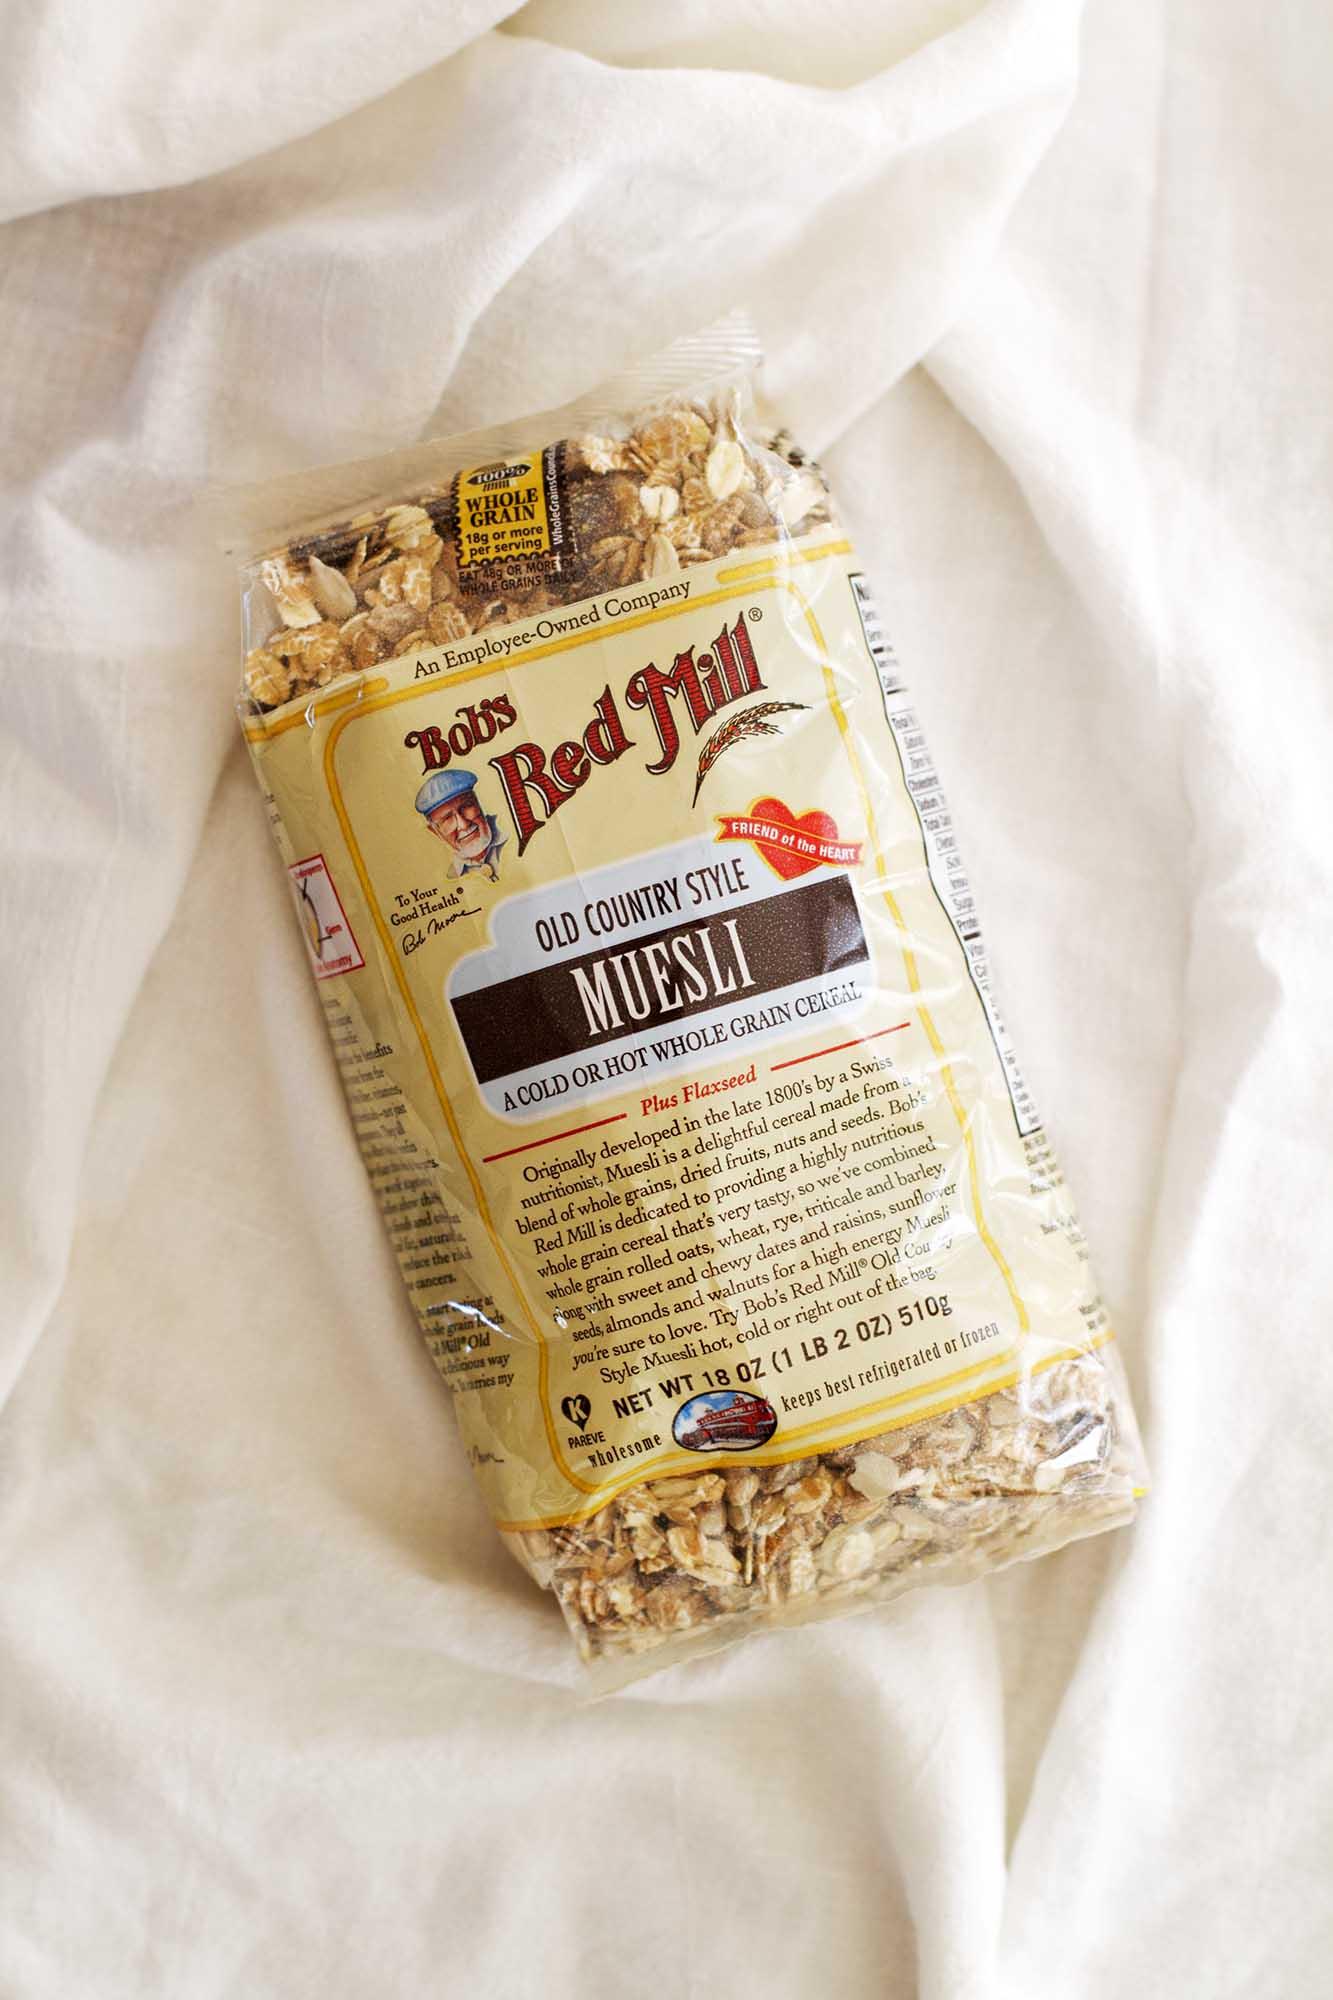 bag of bob's red mill muesli